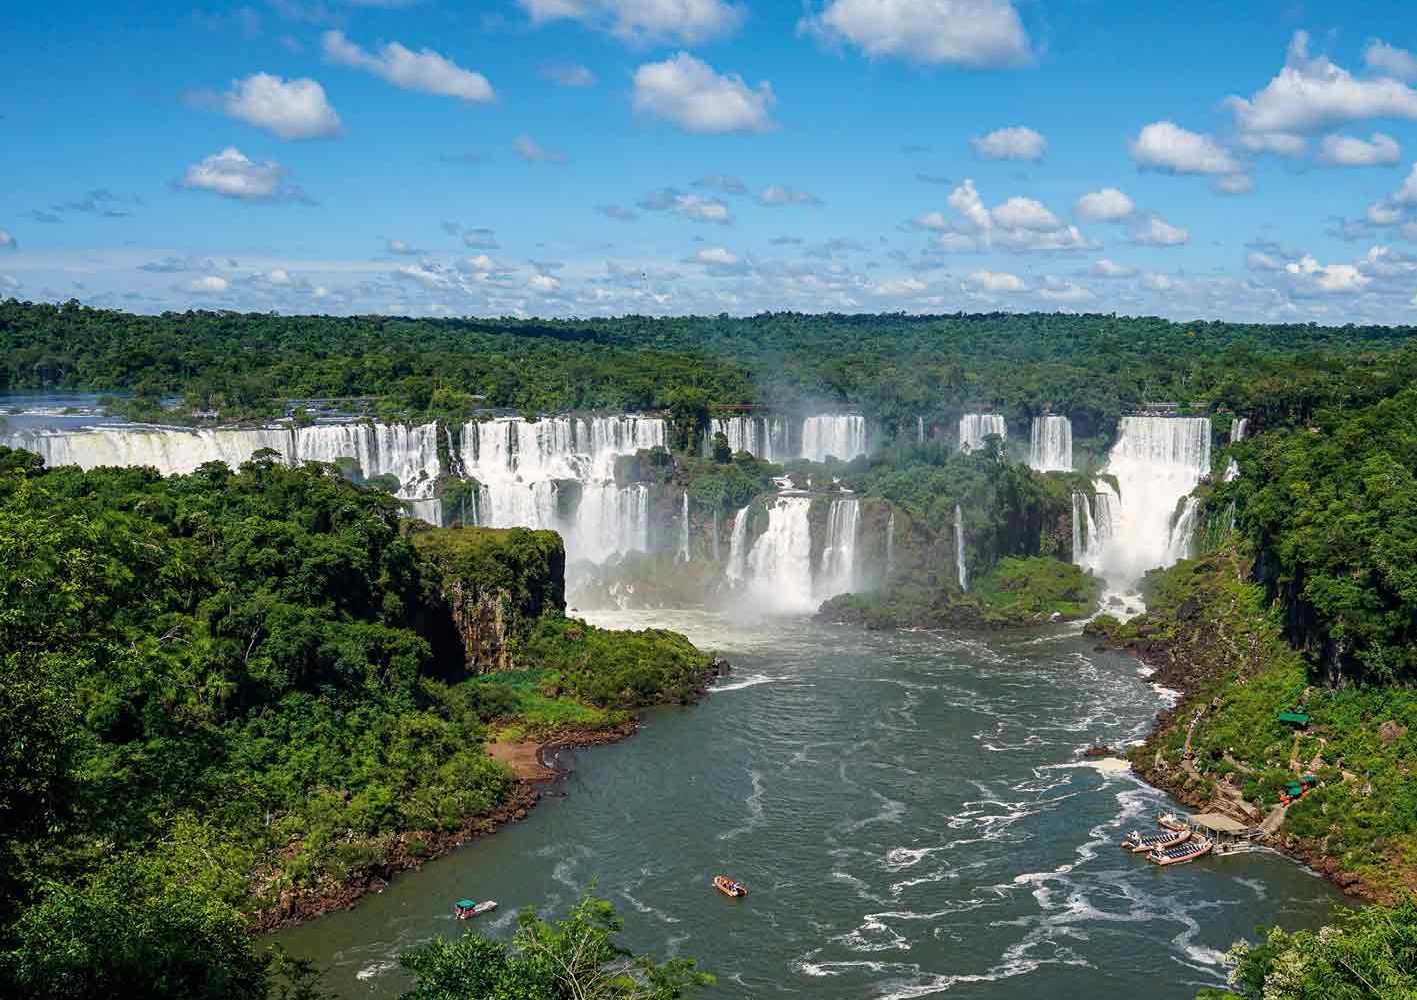 Die einzigartigen Iguazú-Wasserfälle im Grenzgebiet Argentinien-Brasilien